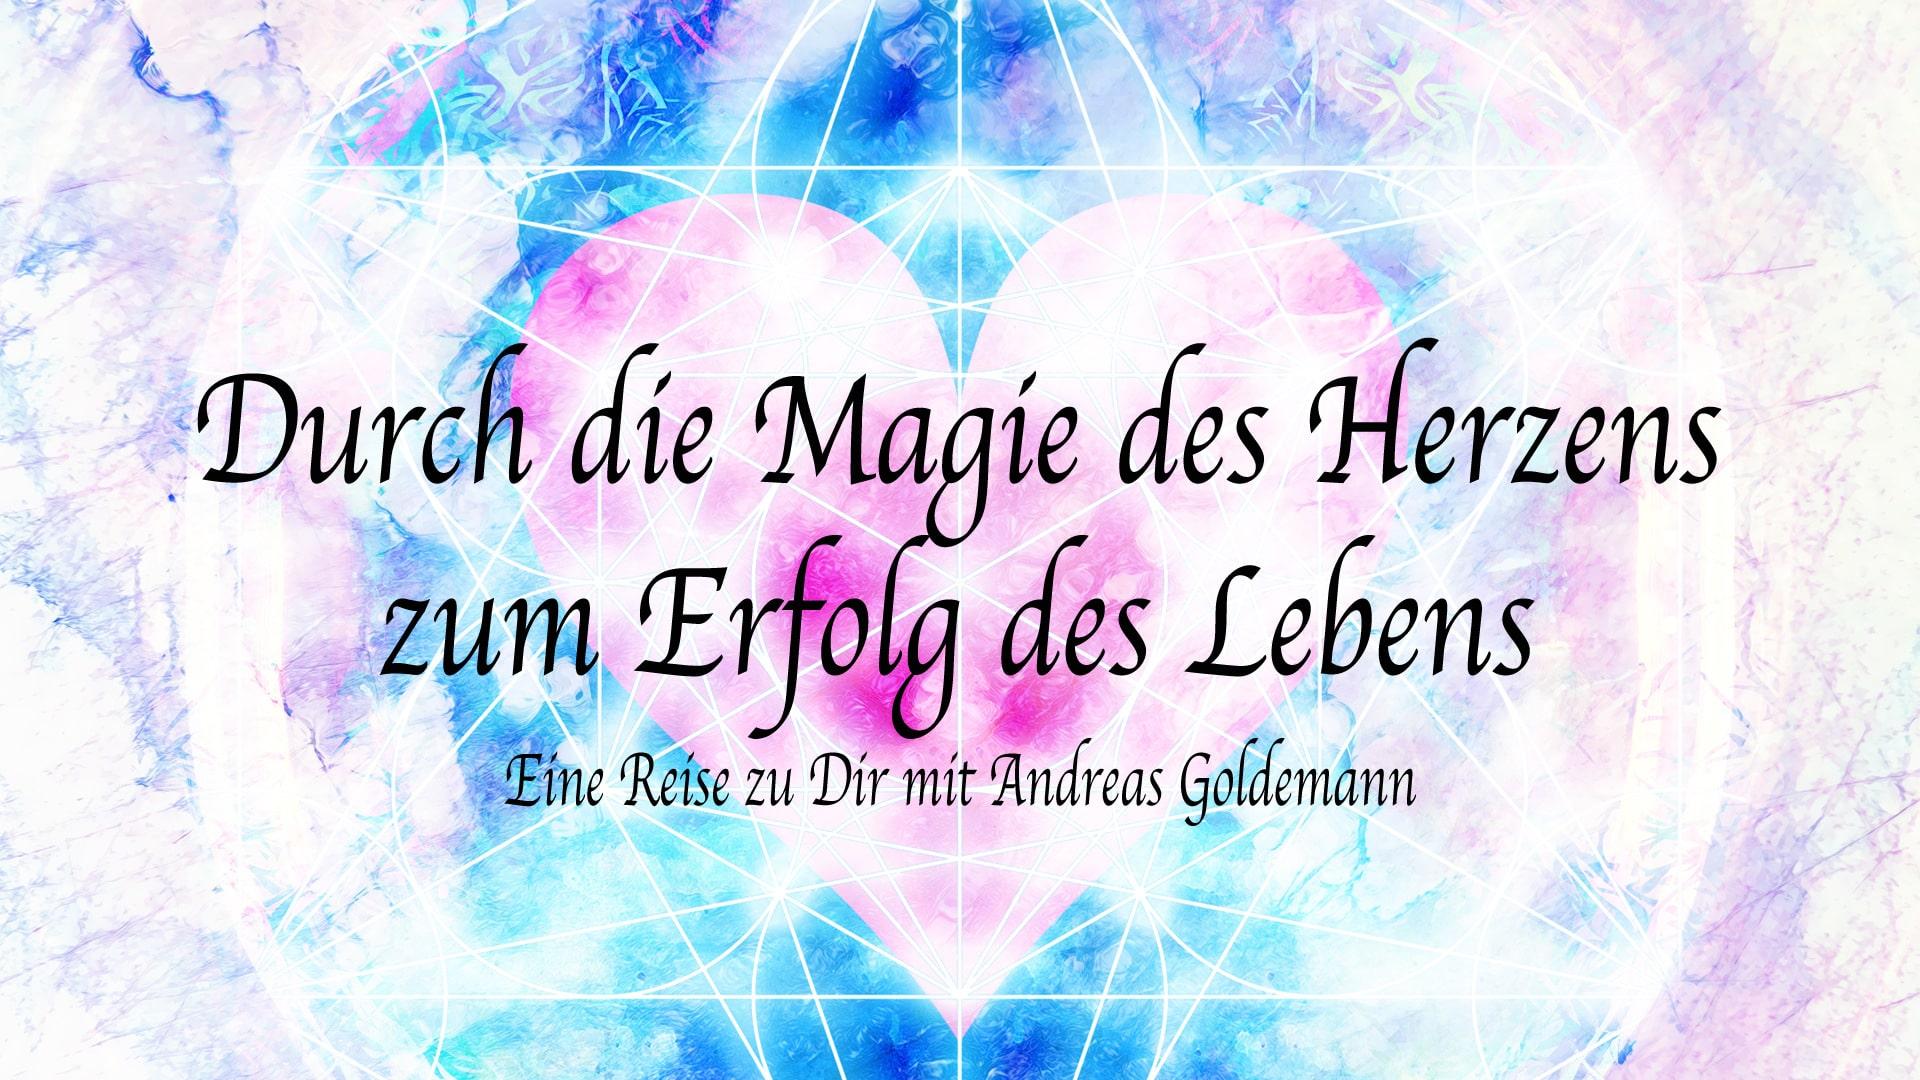 Durch die Magie des Herzens, 1920x1080